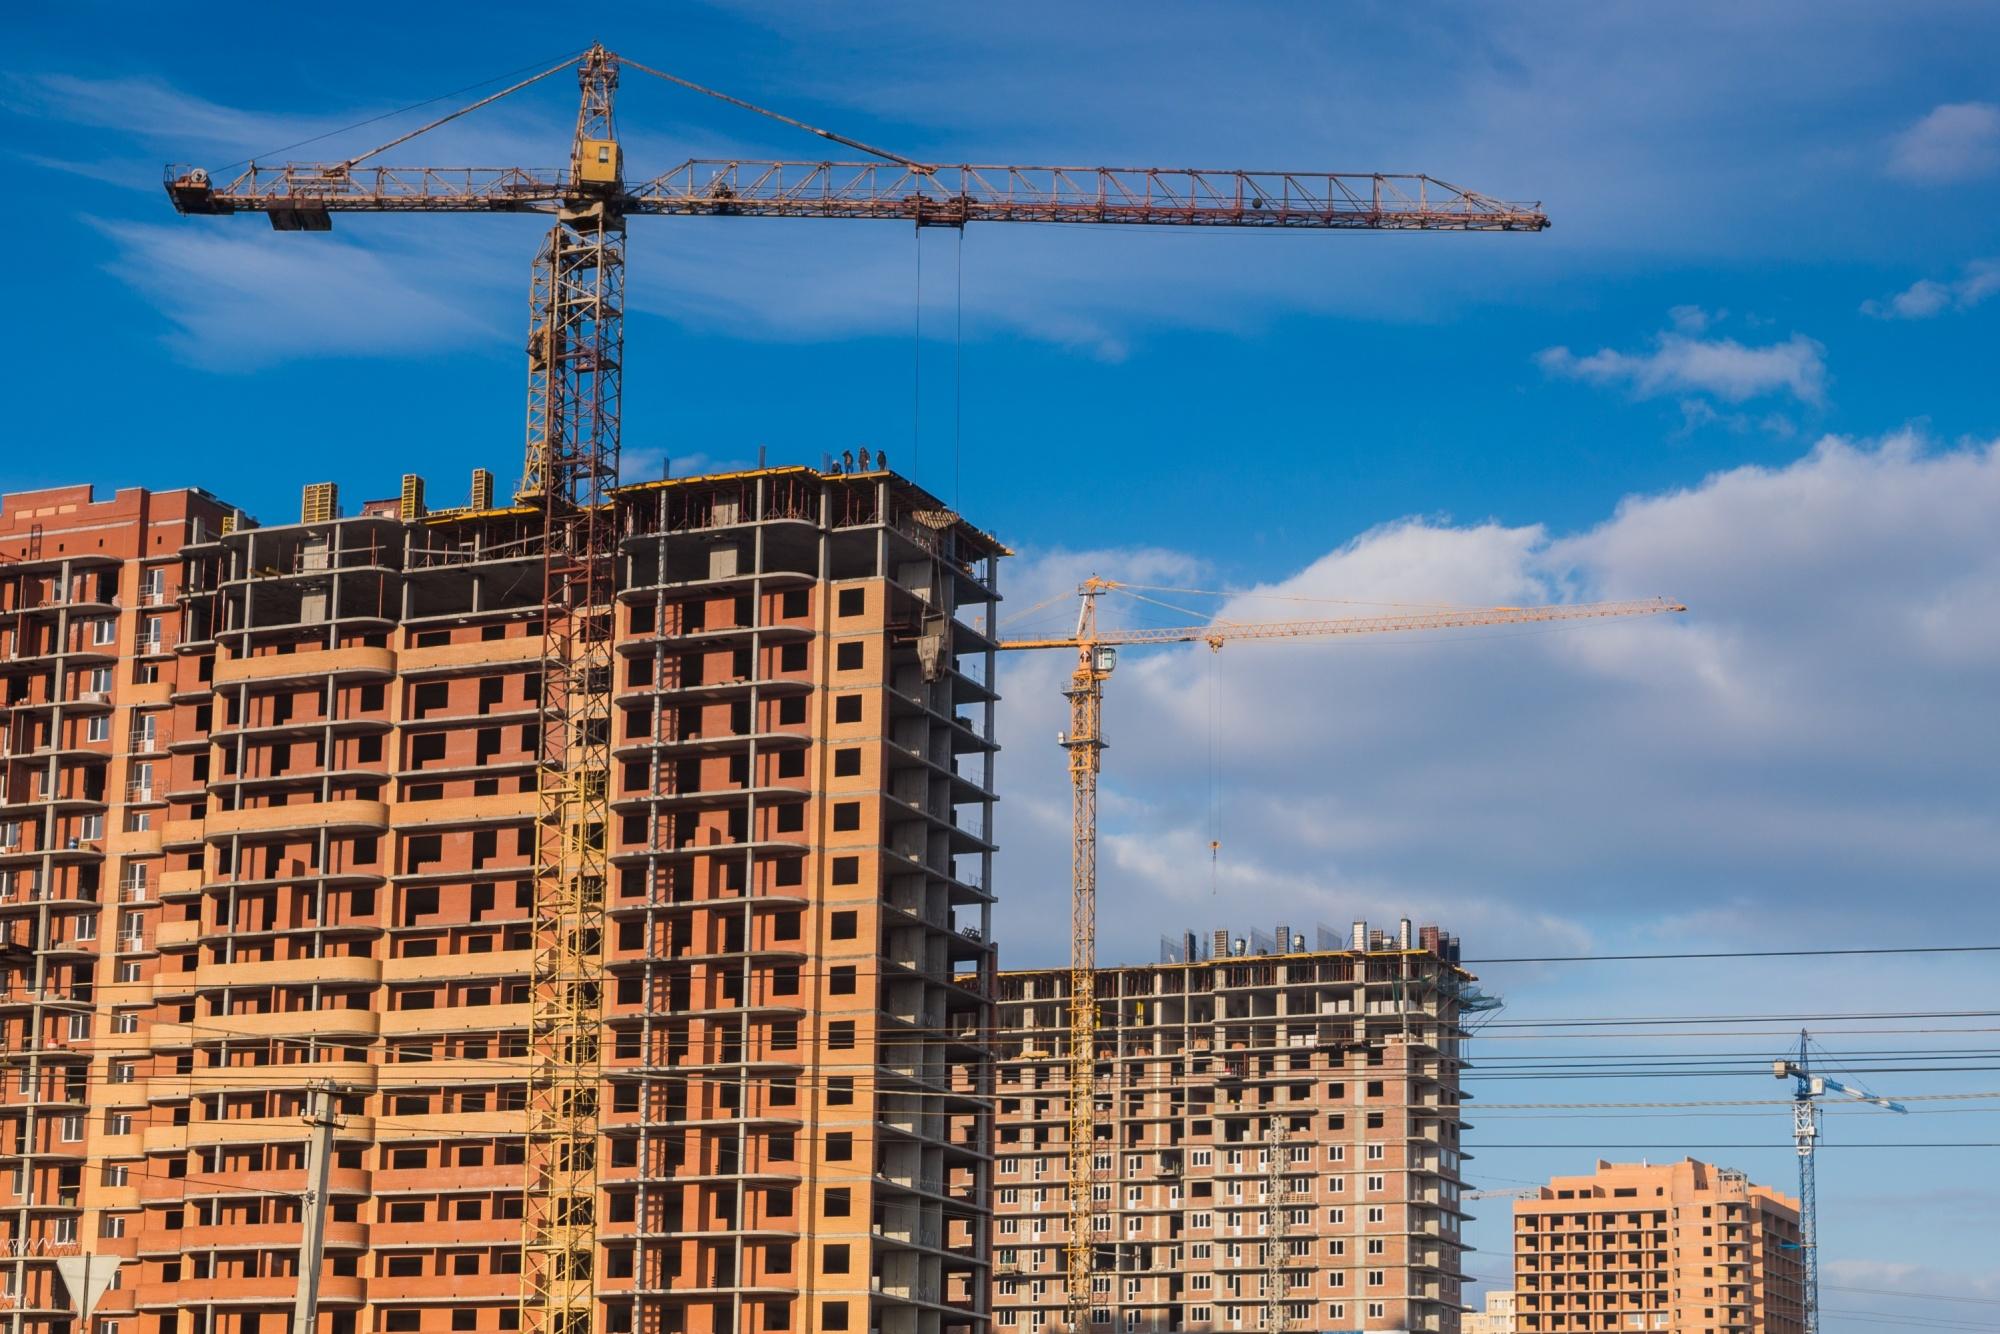 Дайджест о ситуации в строительной отрасли  22.08.2020-28.08.2020